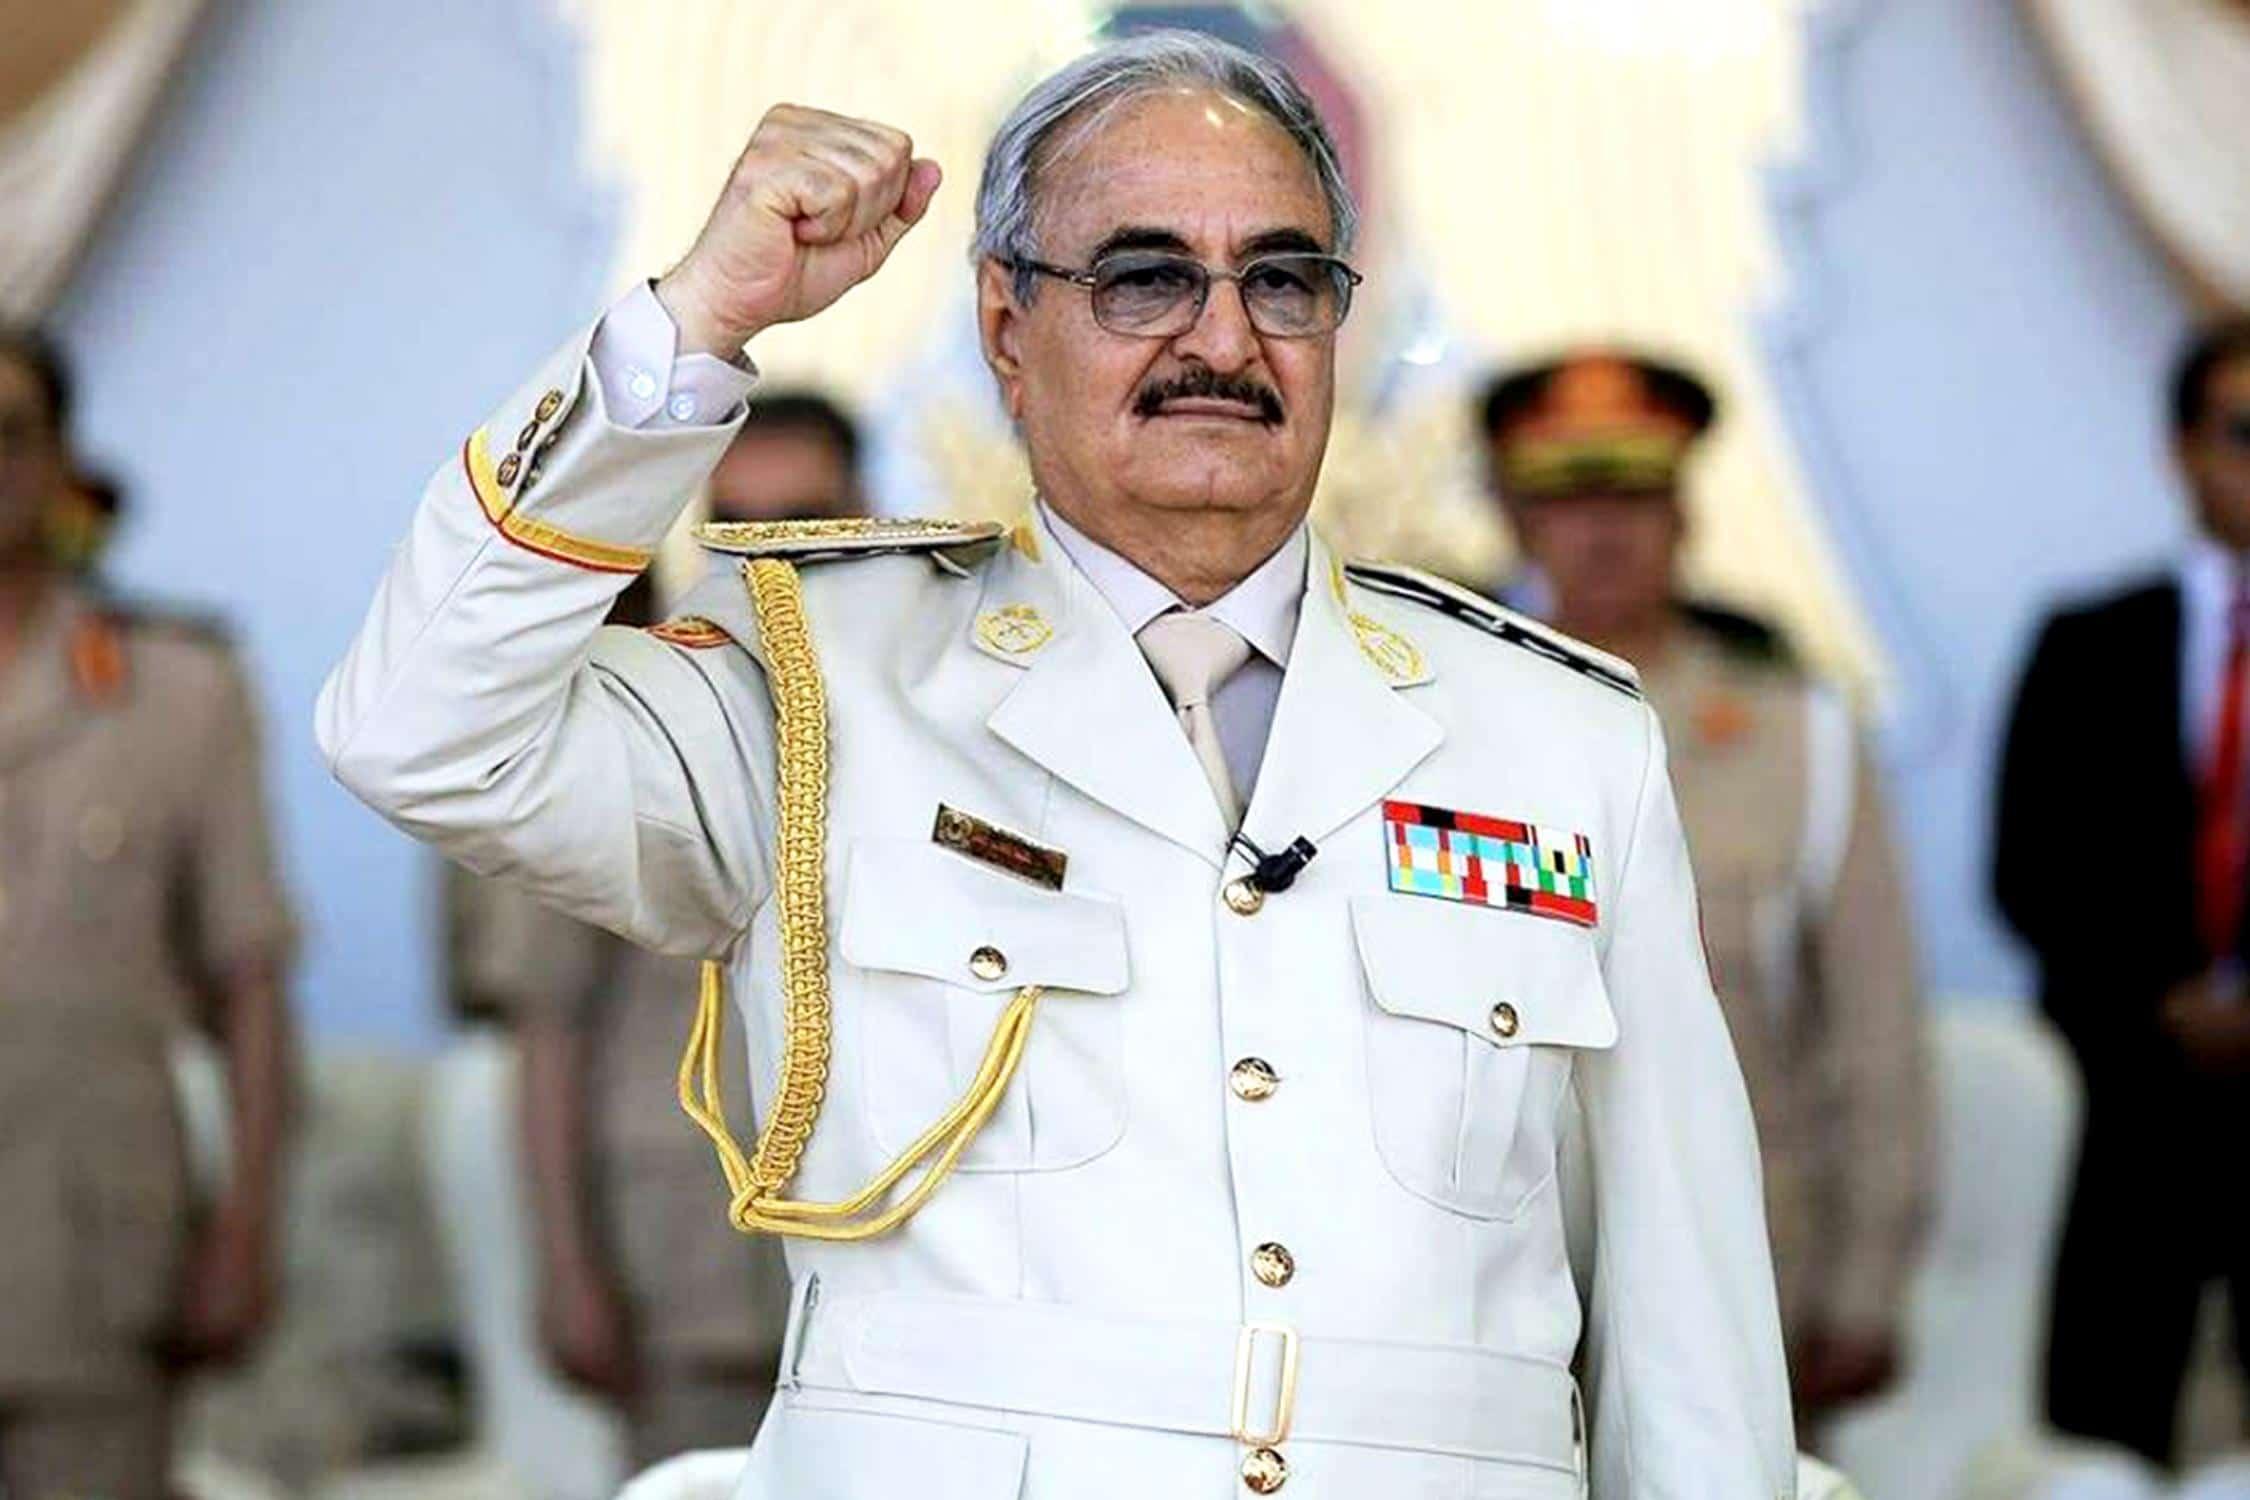 خليفة حفتر رجل المخابرات الأمريكية.. الجنرال الليبي المارق يدعمه ترامب طمعا في نفط ليبيا